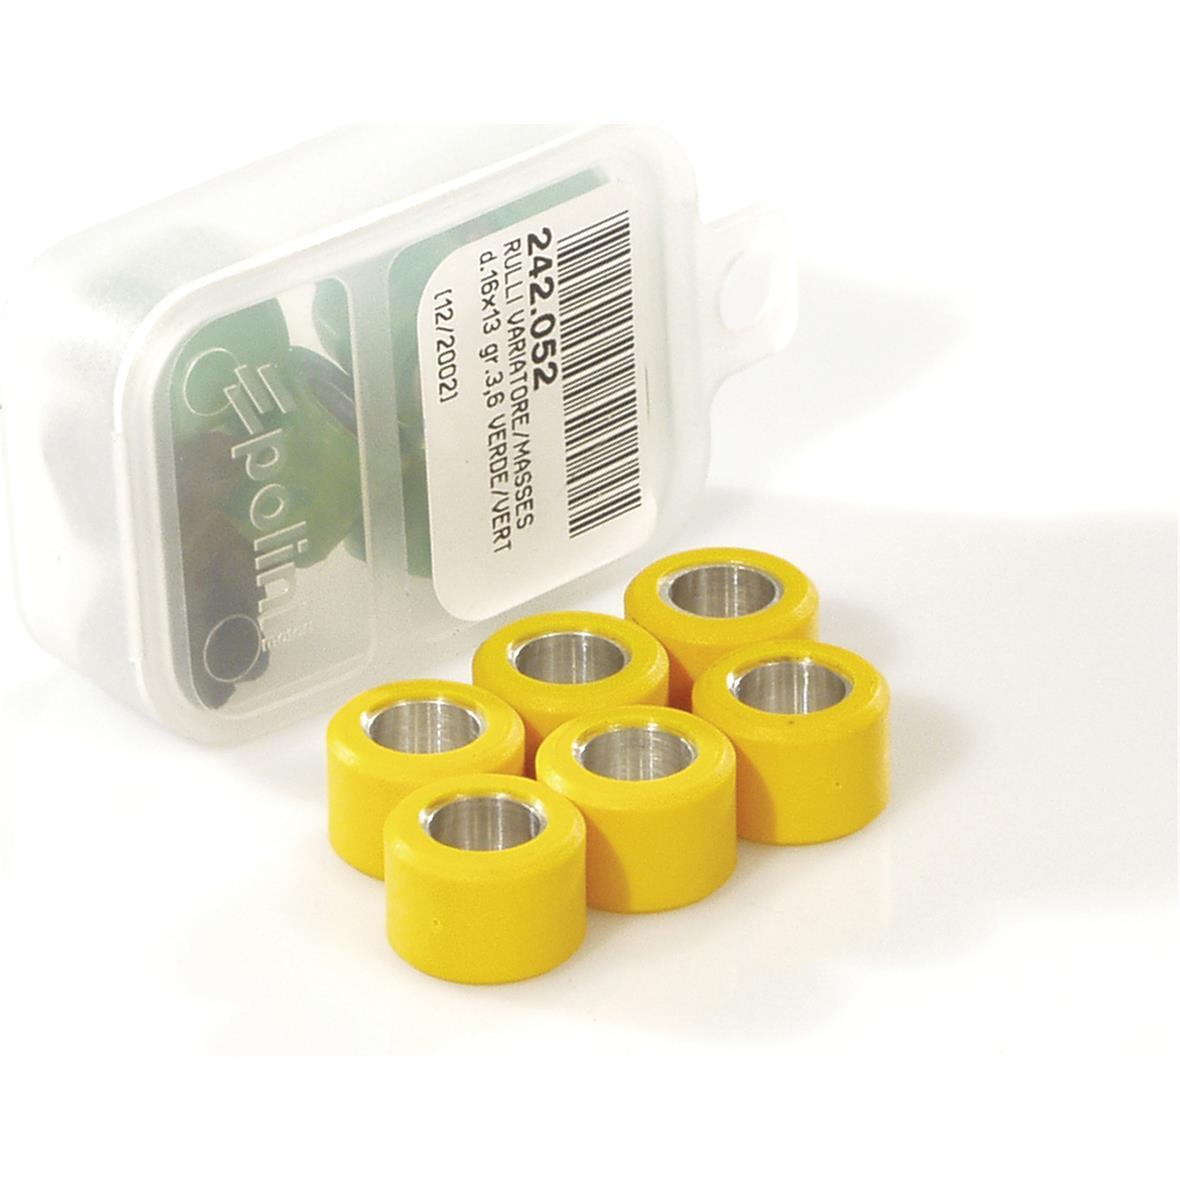 Image du produit 'Rouleaux de variateur POLINI 15x12 mm 3,7g'